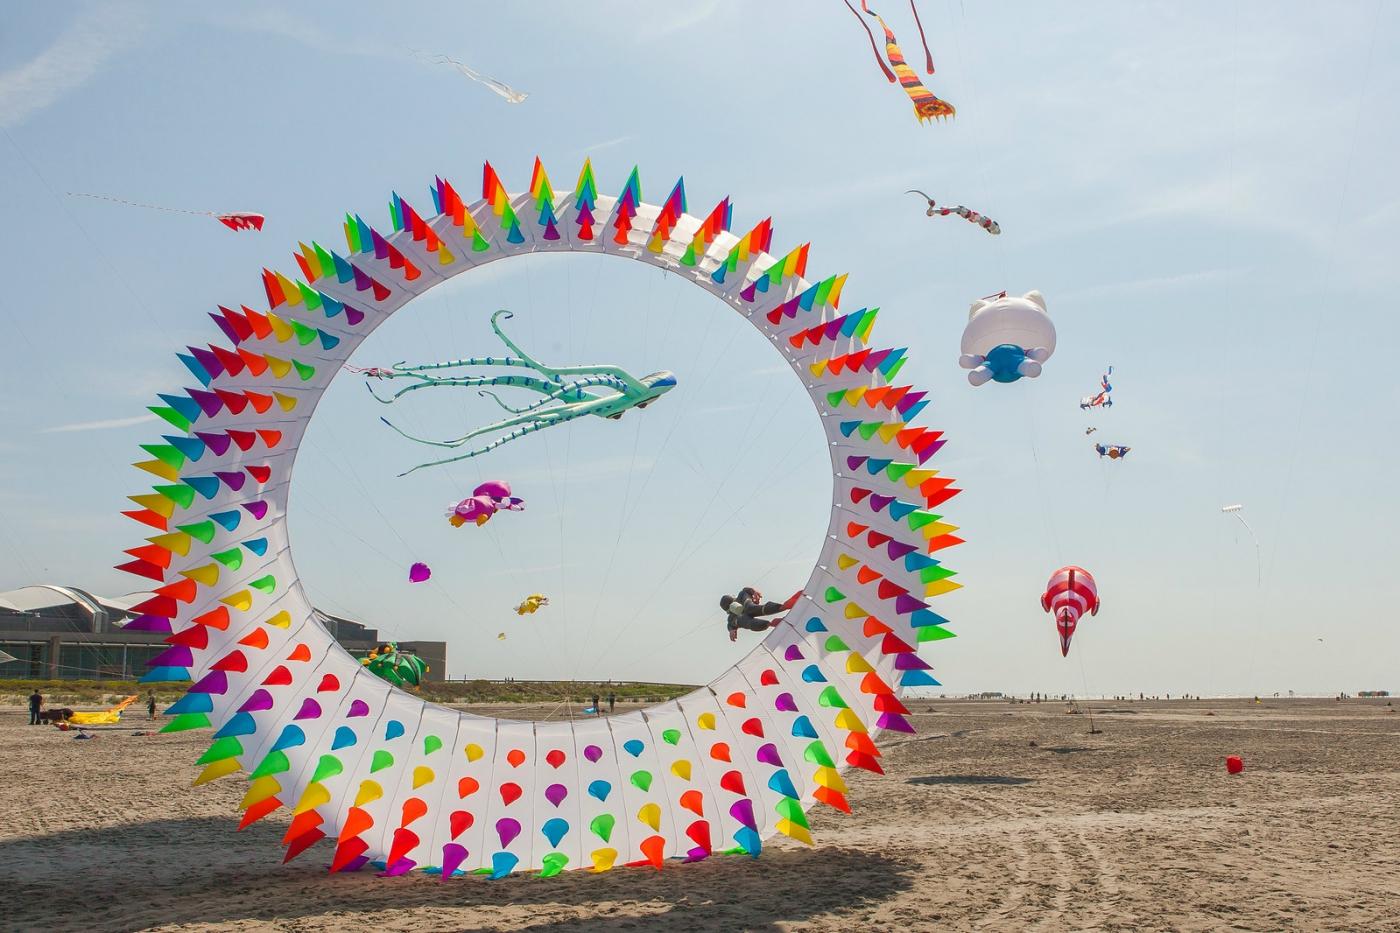 超大的风筝,真是少见_图1-3